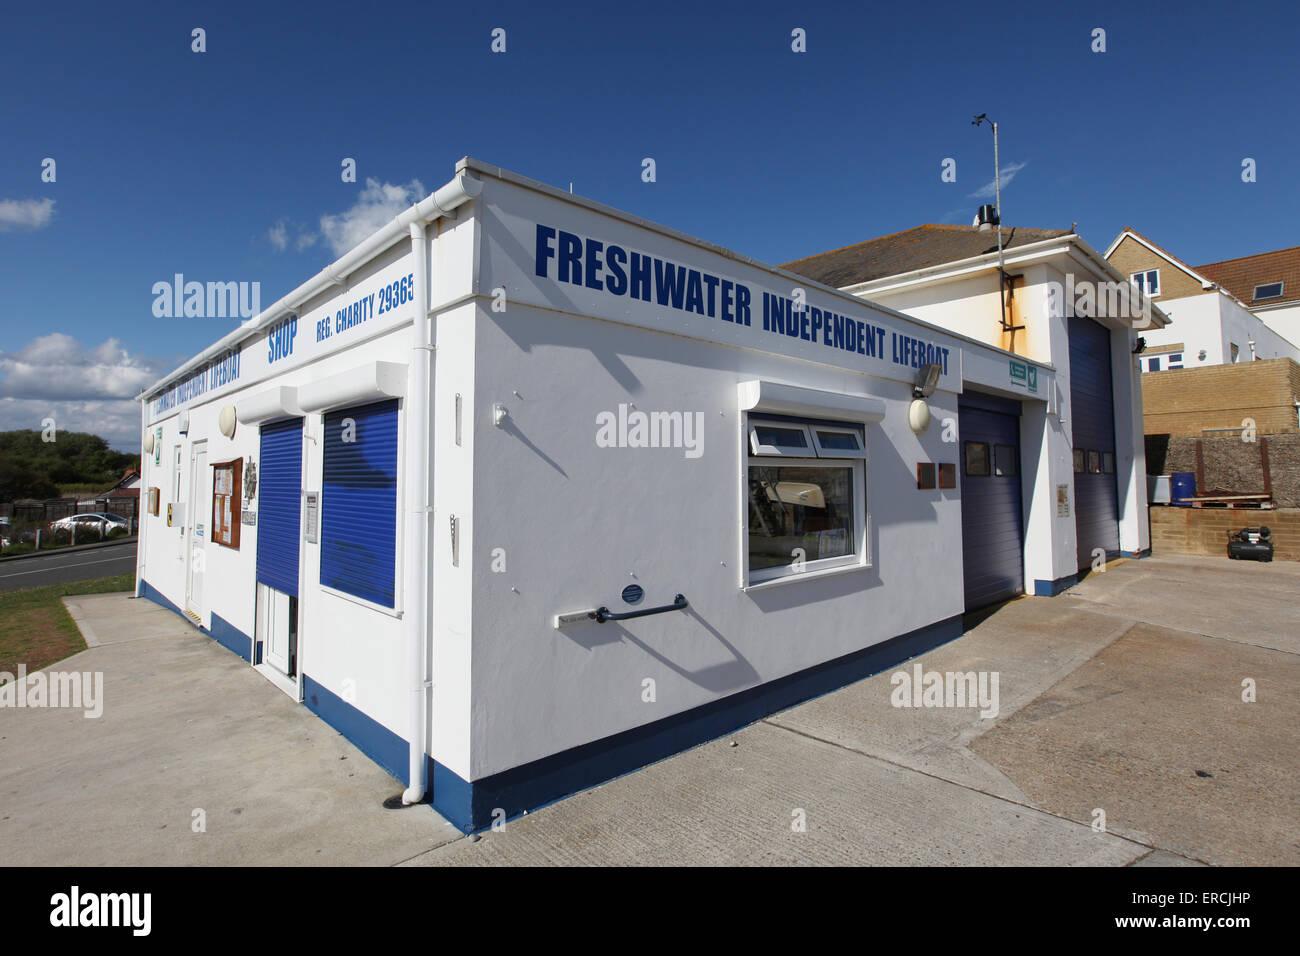 Freshwater Lifeboat Station, Freshwater Bay, Isle of Wight UK - Stock Image